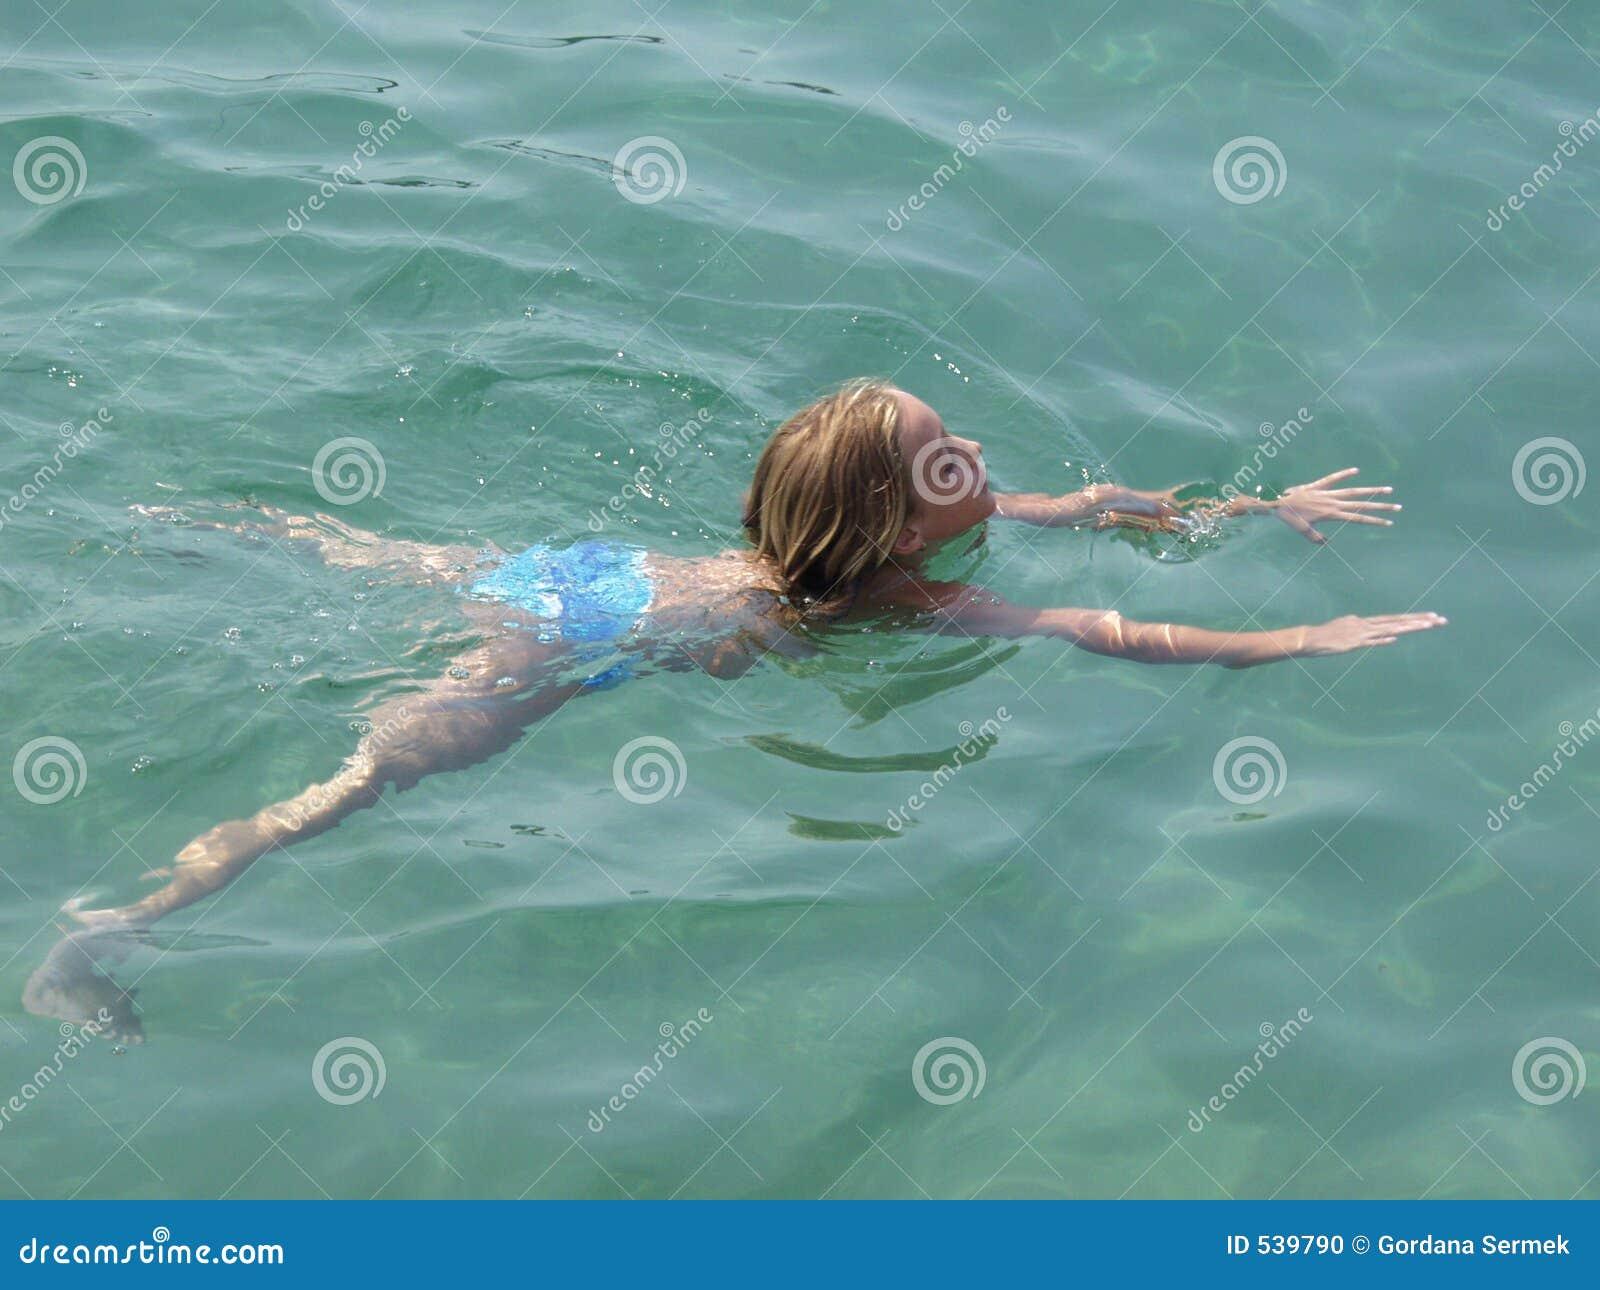 Download 清楚的水晶女孩海运游泳 库存照片. 图片 包括有 克罗地亚, 海岸线, 克罗地亚人, 火箭筒, 平静, 海洋 - 539790